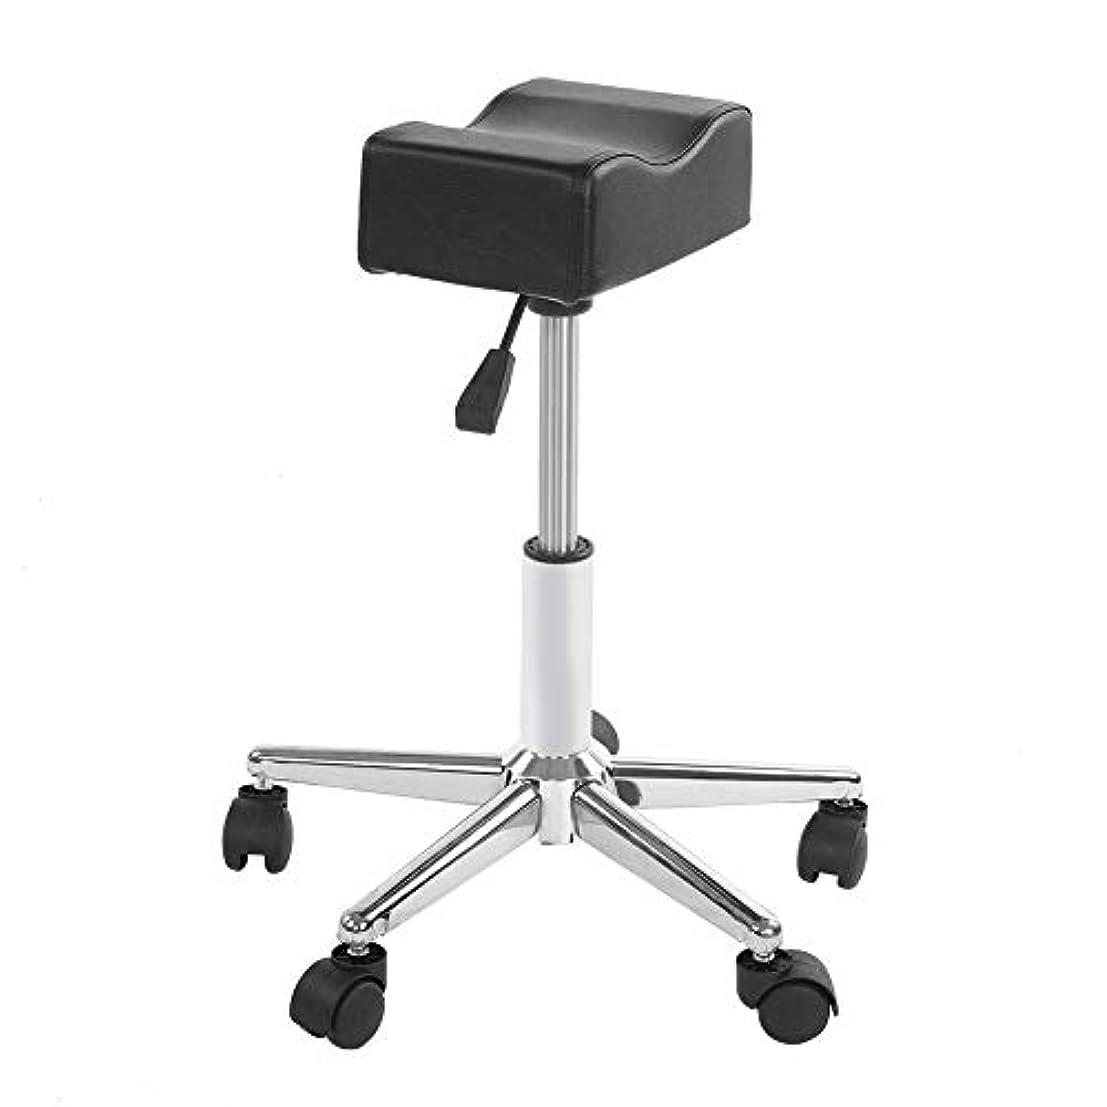 肘掛け椅子腹痛頻繁にペディキュアチェア、レッグレストフットレストフットケアペディキュアネイルスツールステーション可動ホイール付きマニキュアタトゥーフットフットレスト、ネイルサロン用の高さ調節可能なレッグレストチェア、ペディキュアスパ